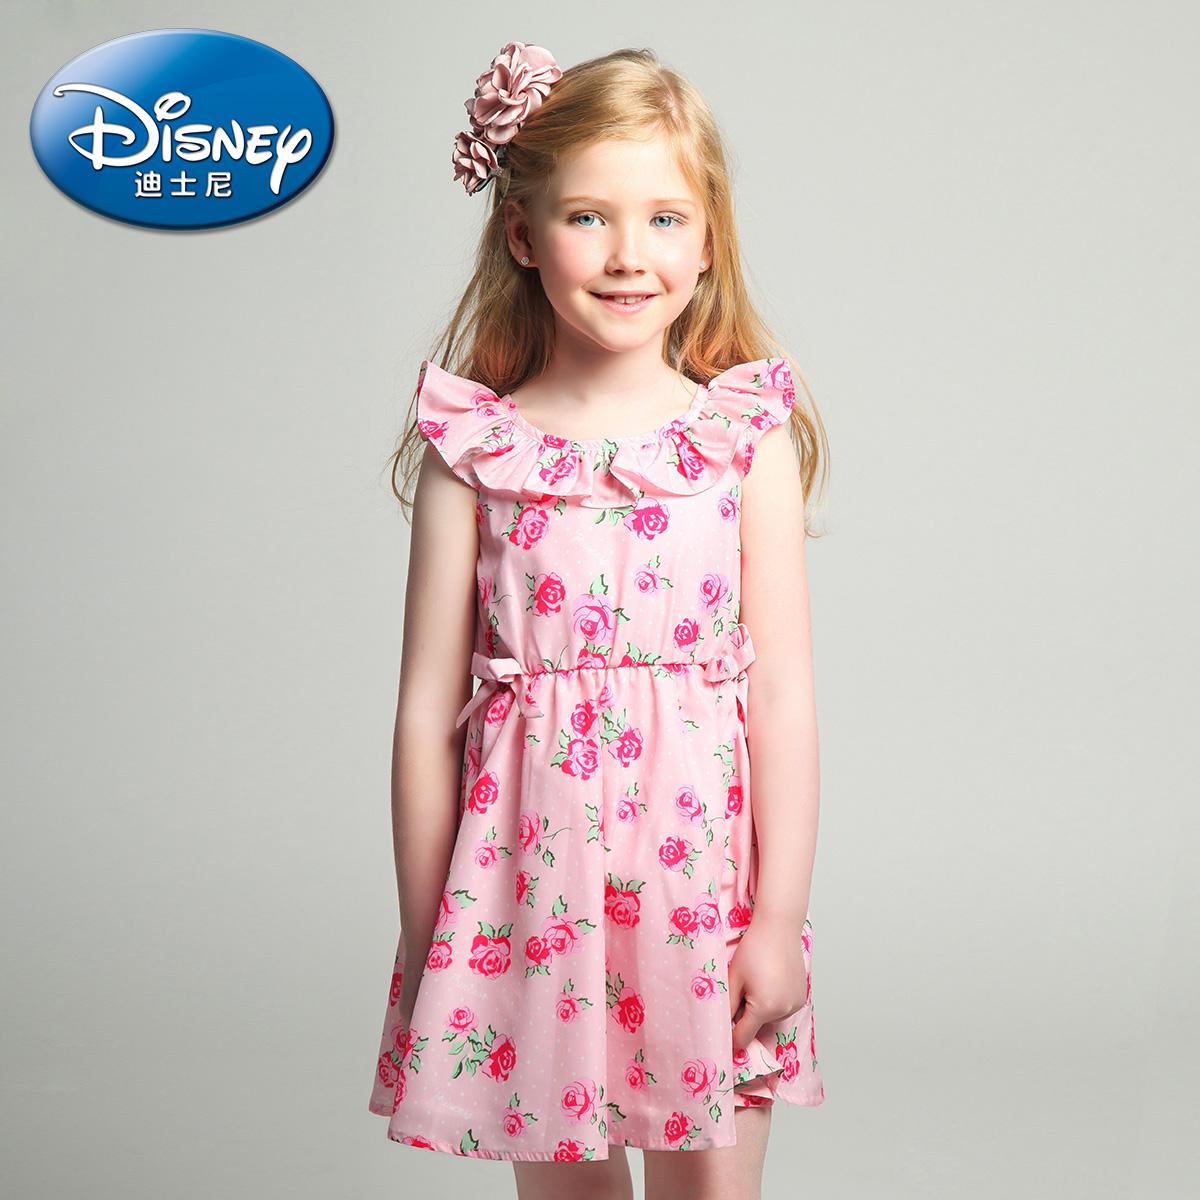 迪士尼 女童飛飛袖連衣裙中大童公主裙 中大童裙子淑女裙2016